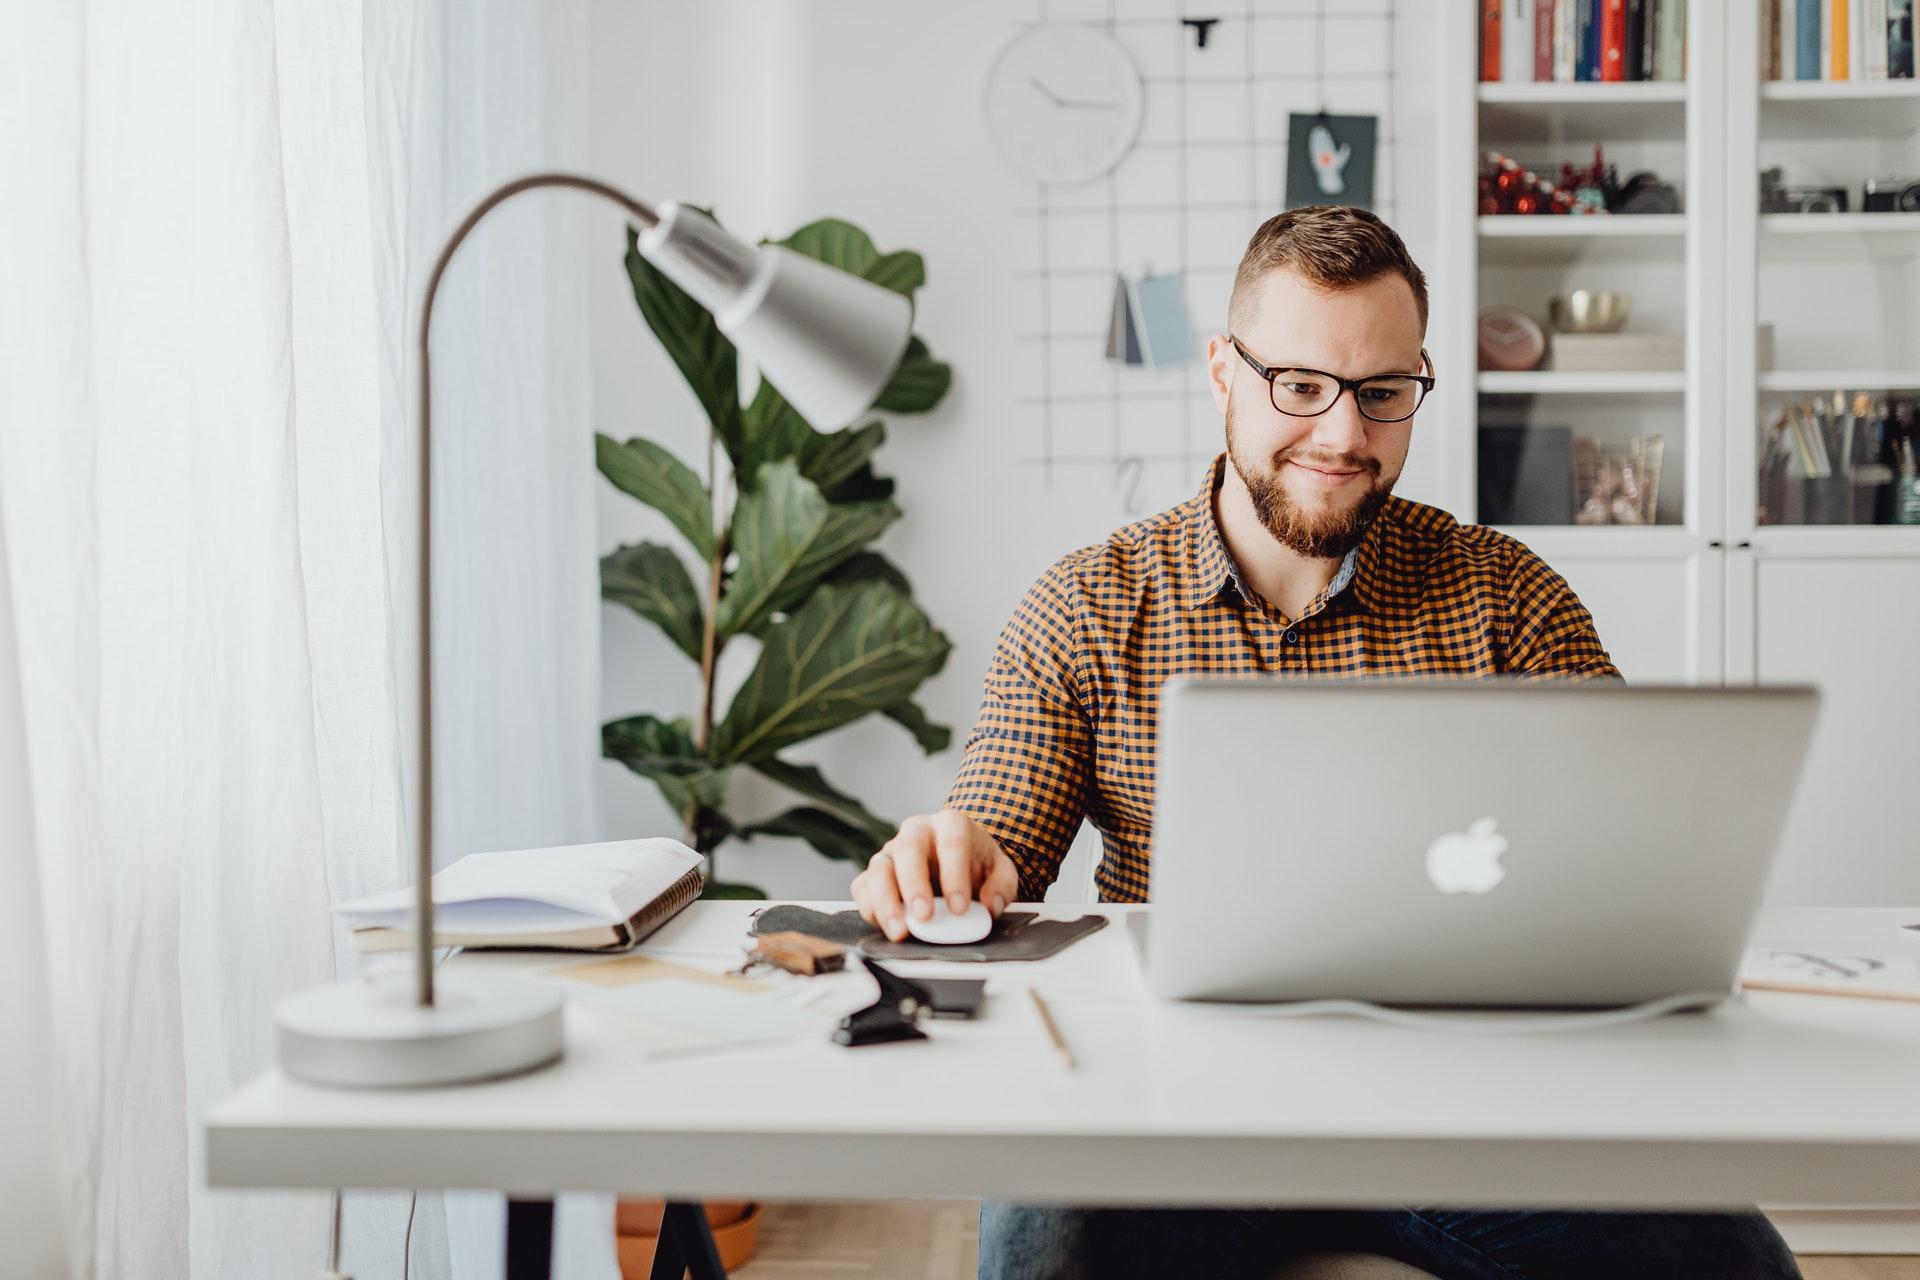 Vemos um homem, em casa, trabalhando com seu computador (imagem ilustrativa). Texto: melhores franquias de sucesso.